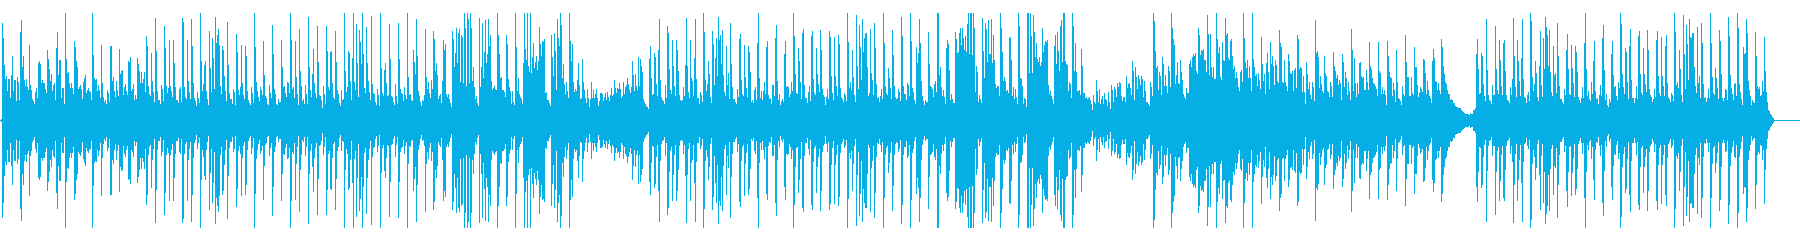 【生演奏】まどろみのJazz Popの再生済みの波形